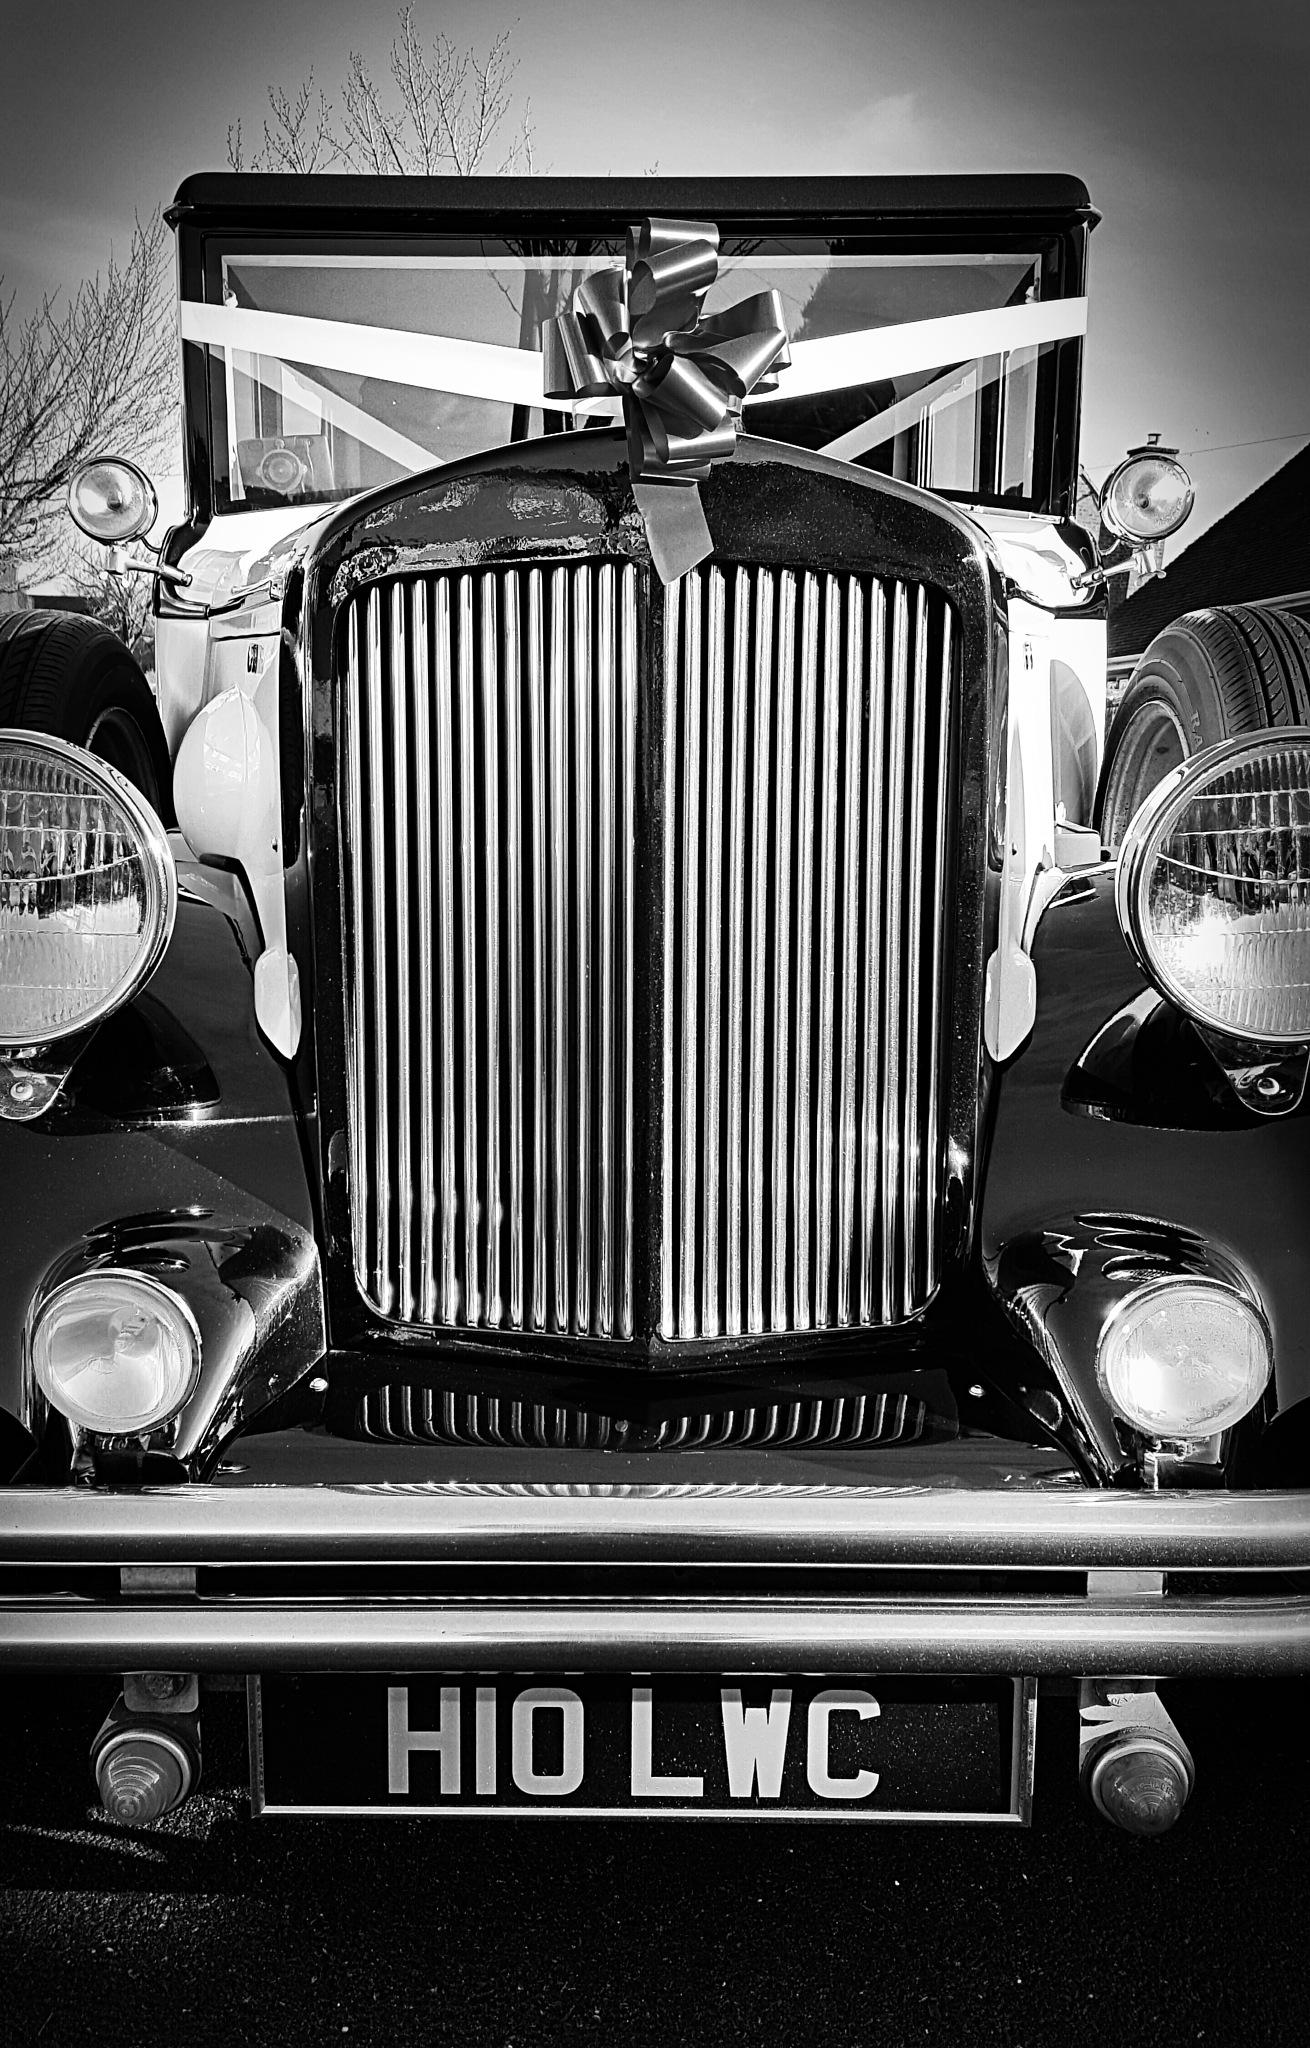 The Wedding Car by Yvonne Lewis